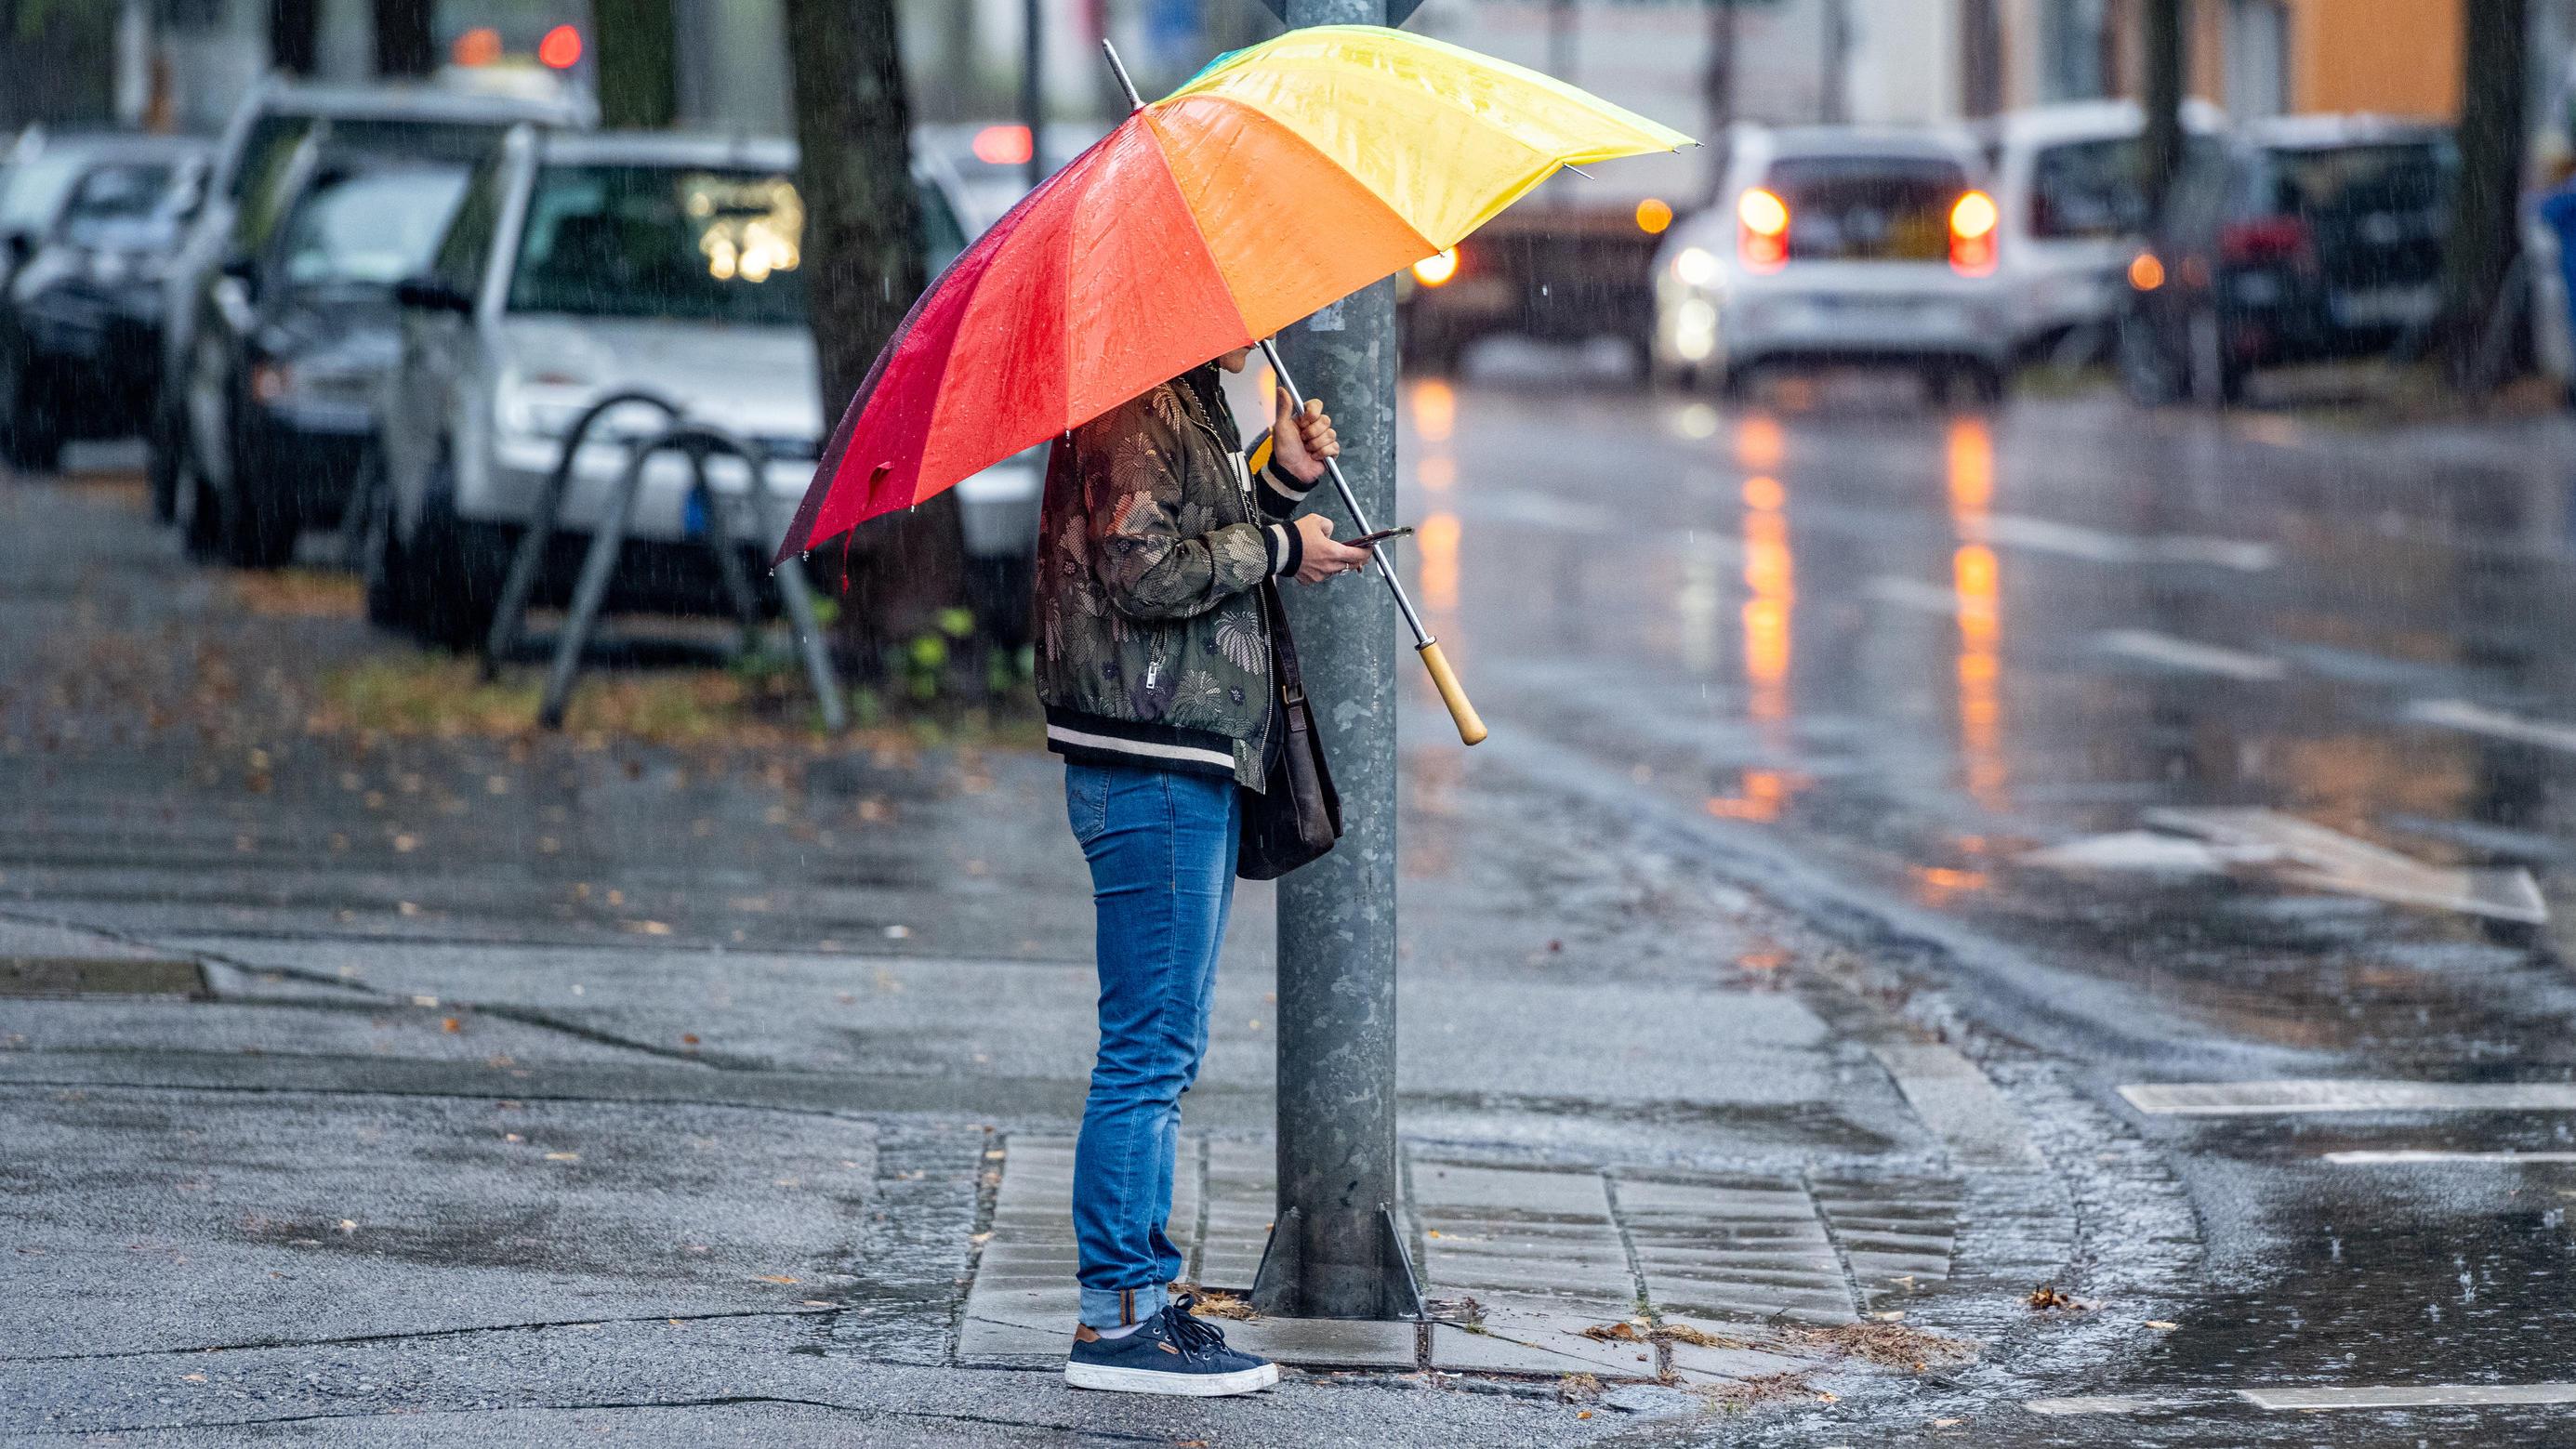 Wetterbericht für den 26.09.2020: Herbst zeigt sich nass